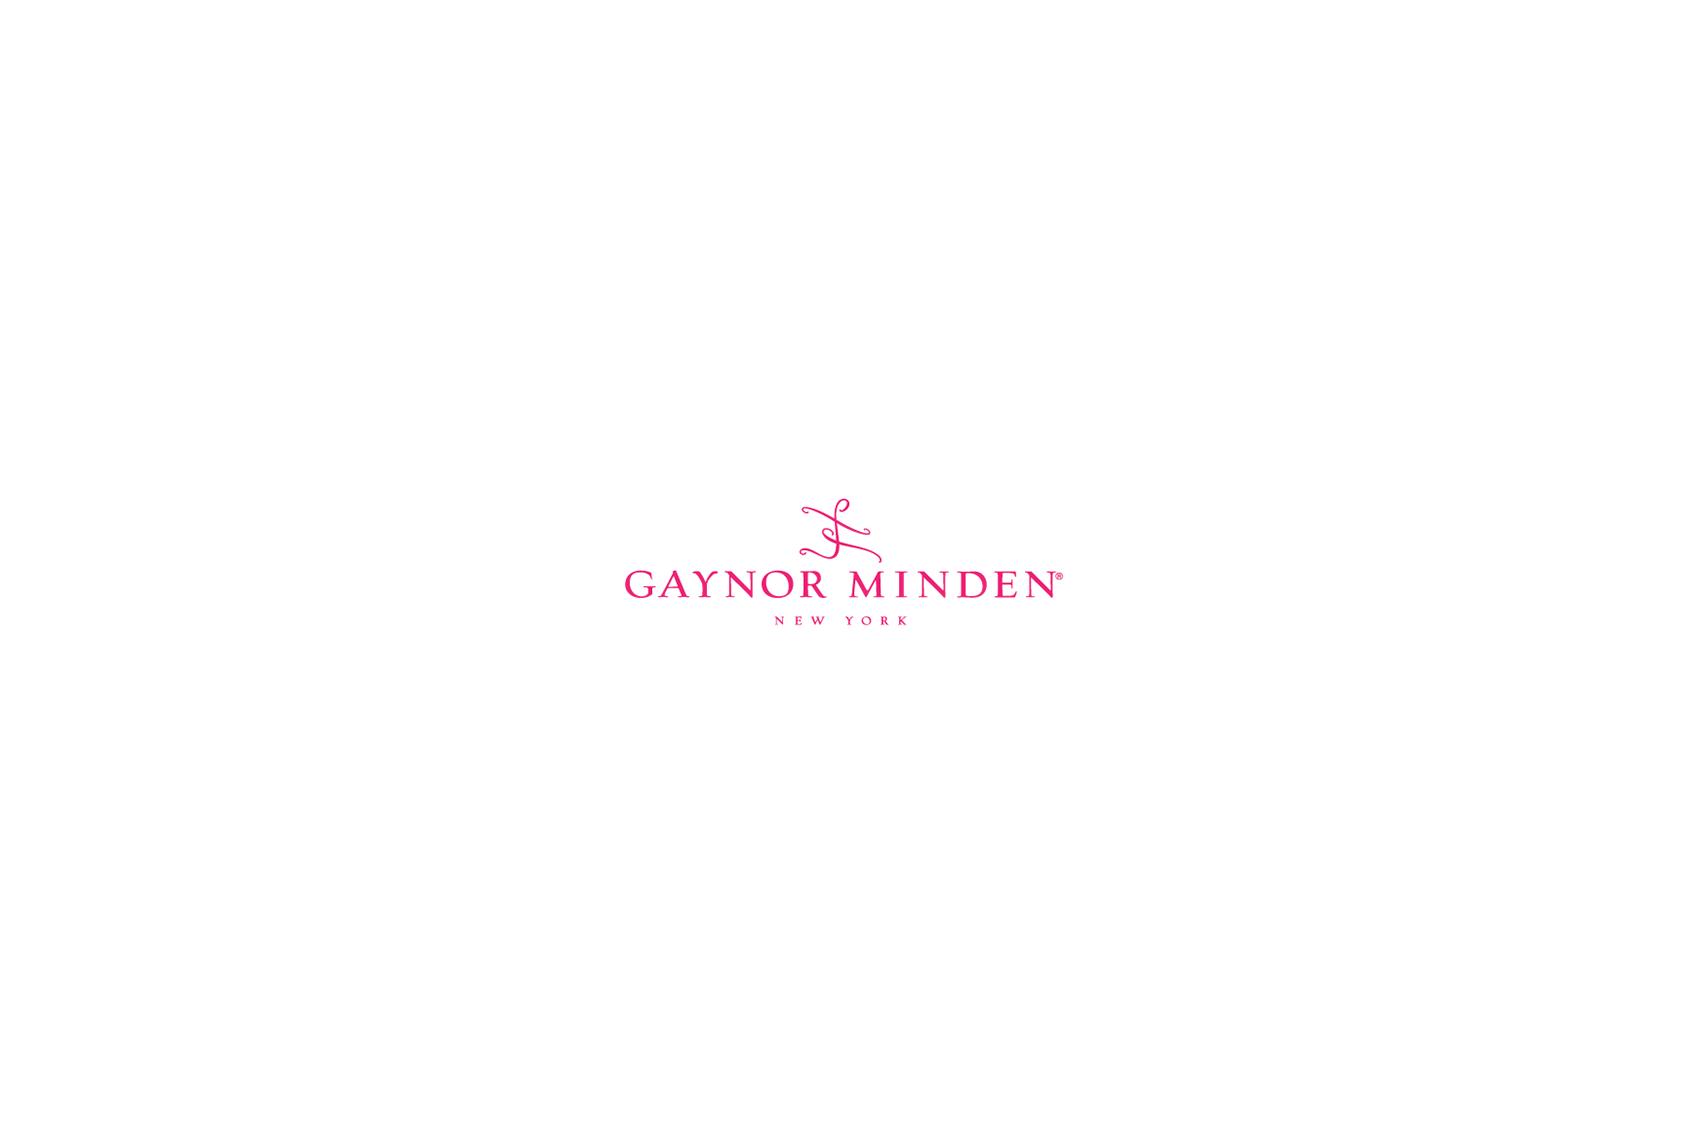 Gaynor Minden : profitez des dernières technologies mises au point par la marque.